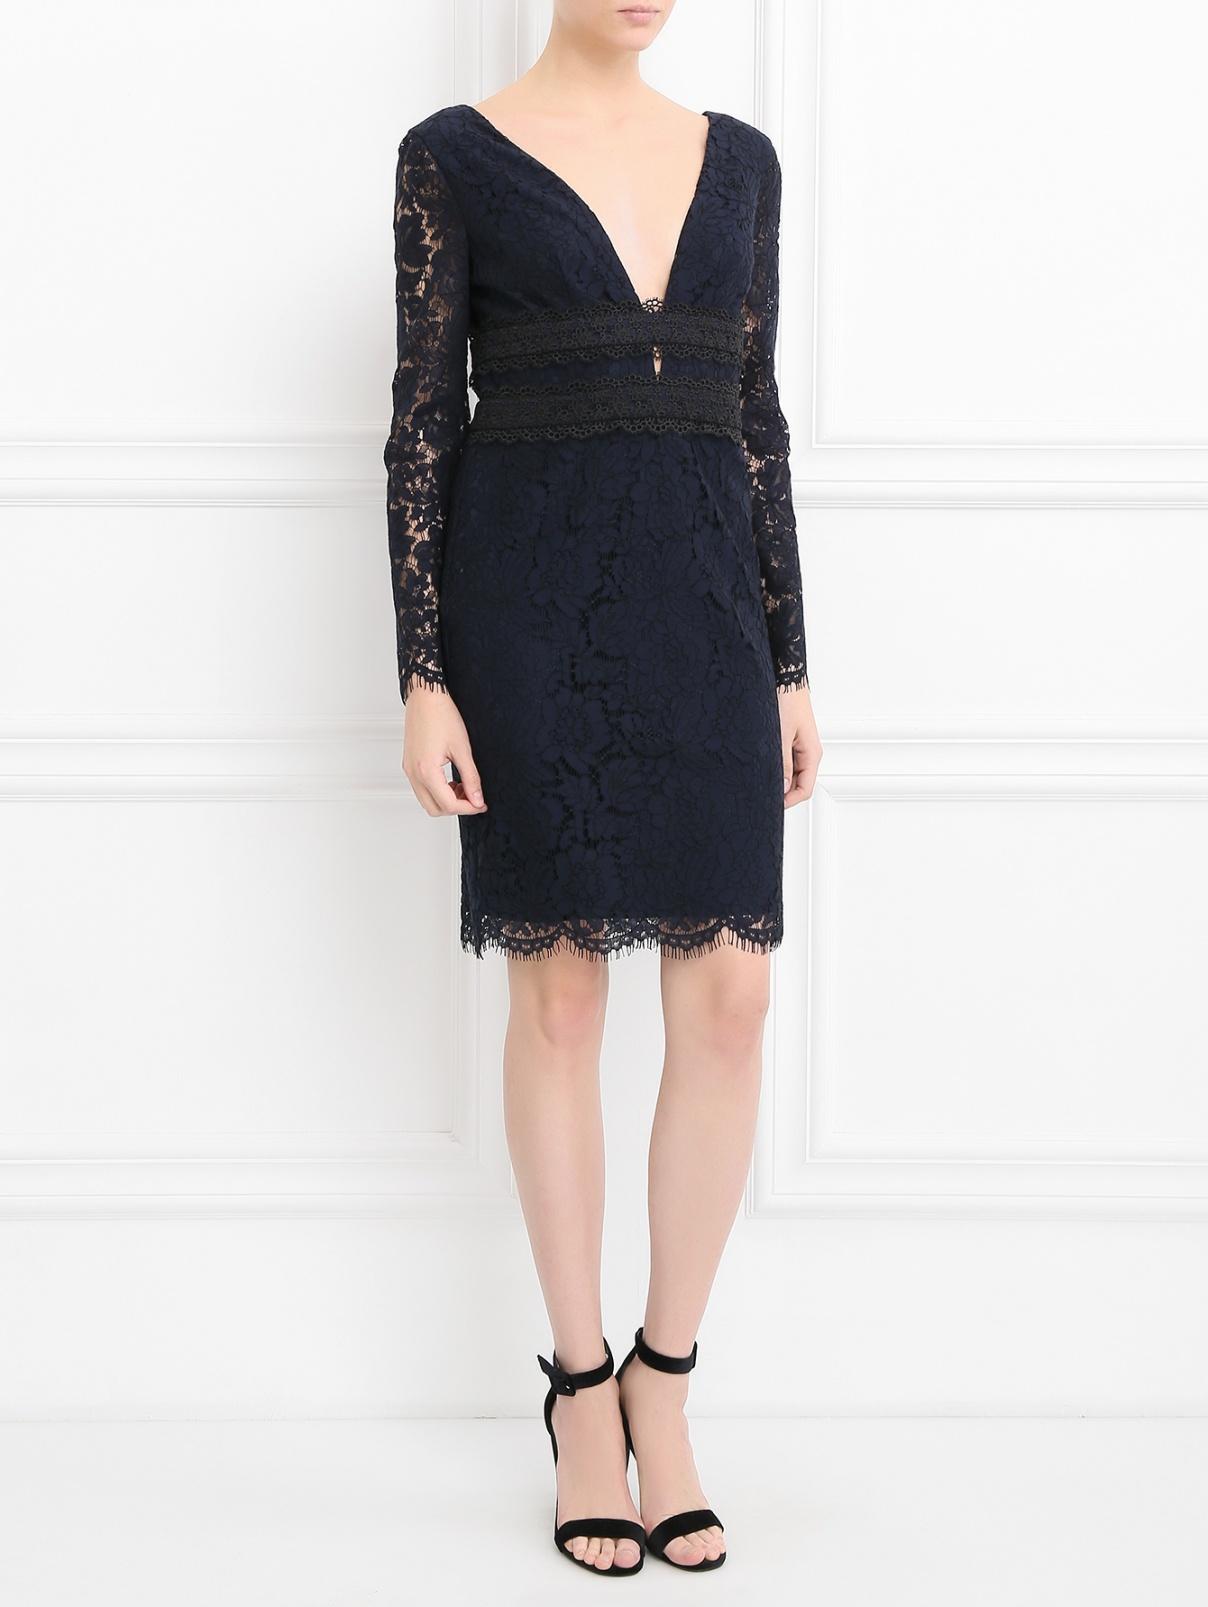 Платье-футляр с кружевным узором Diane von Furstenberg  –  Модель Общий вид  – Цвет:  Синий